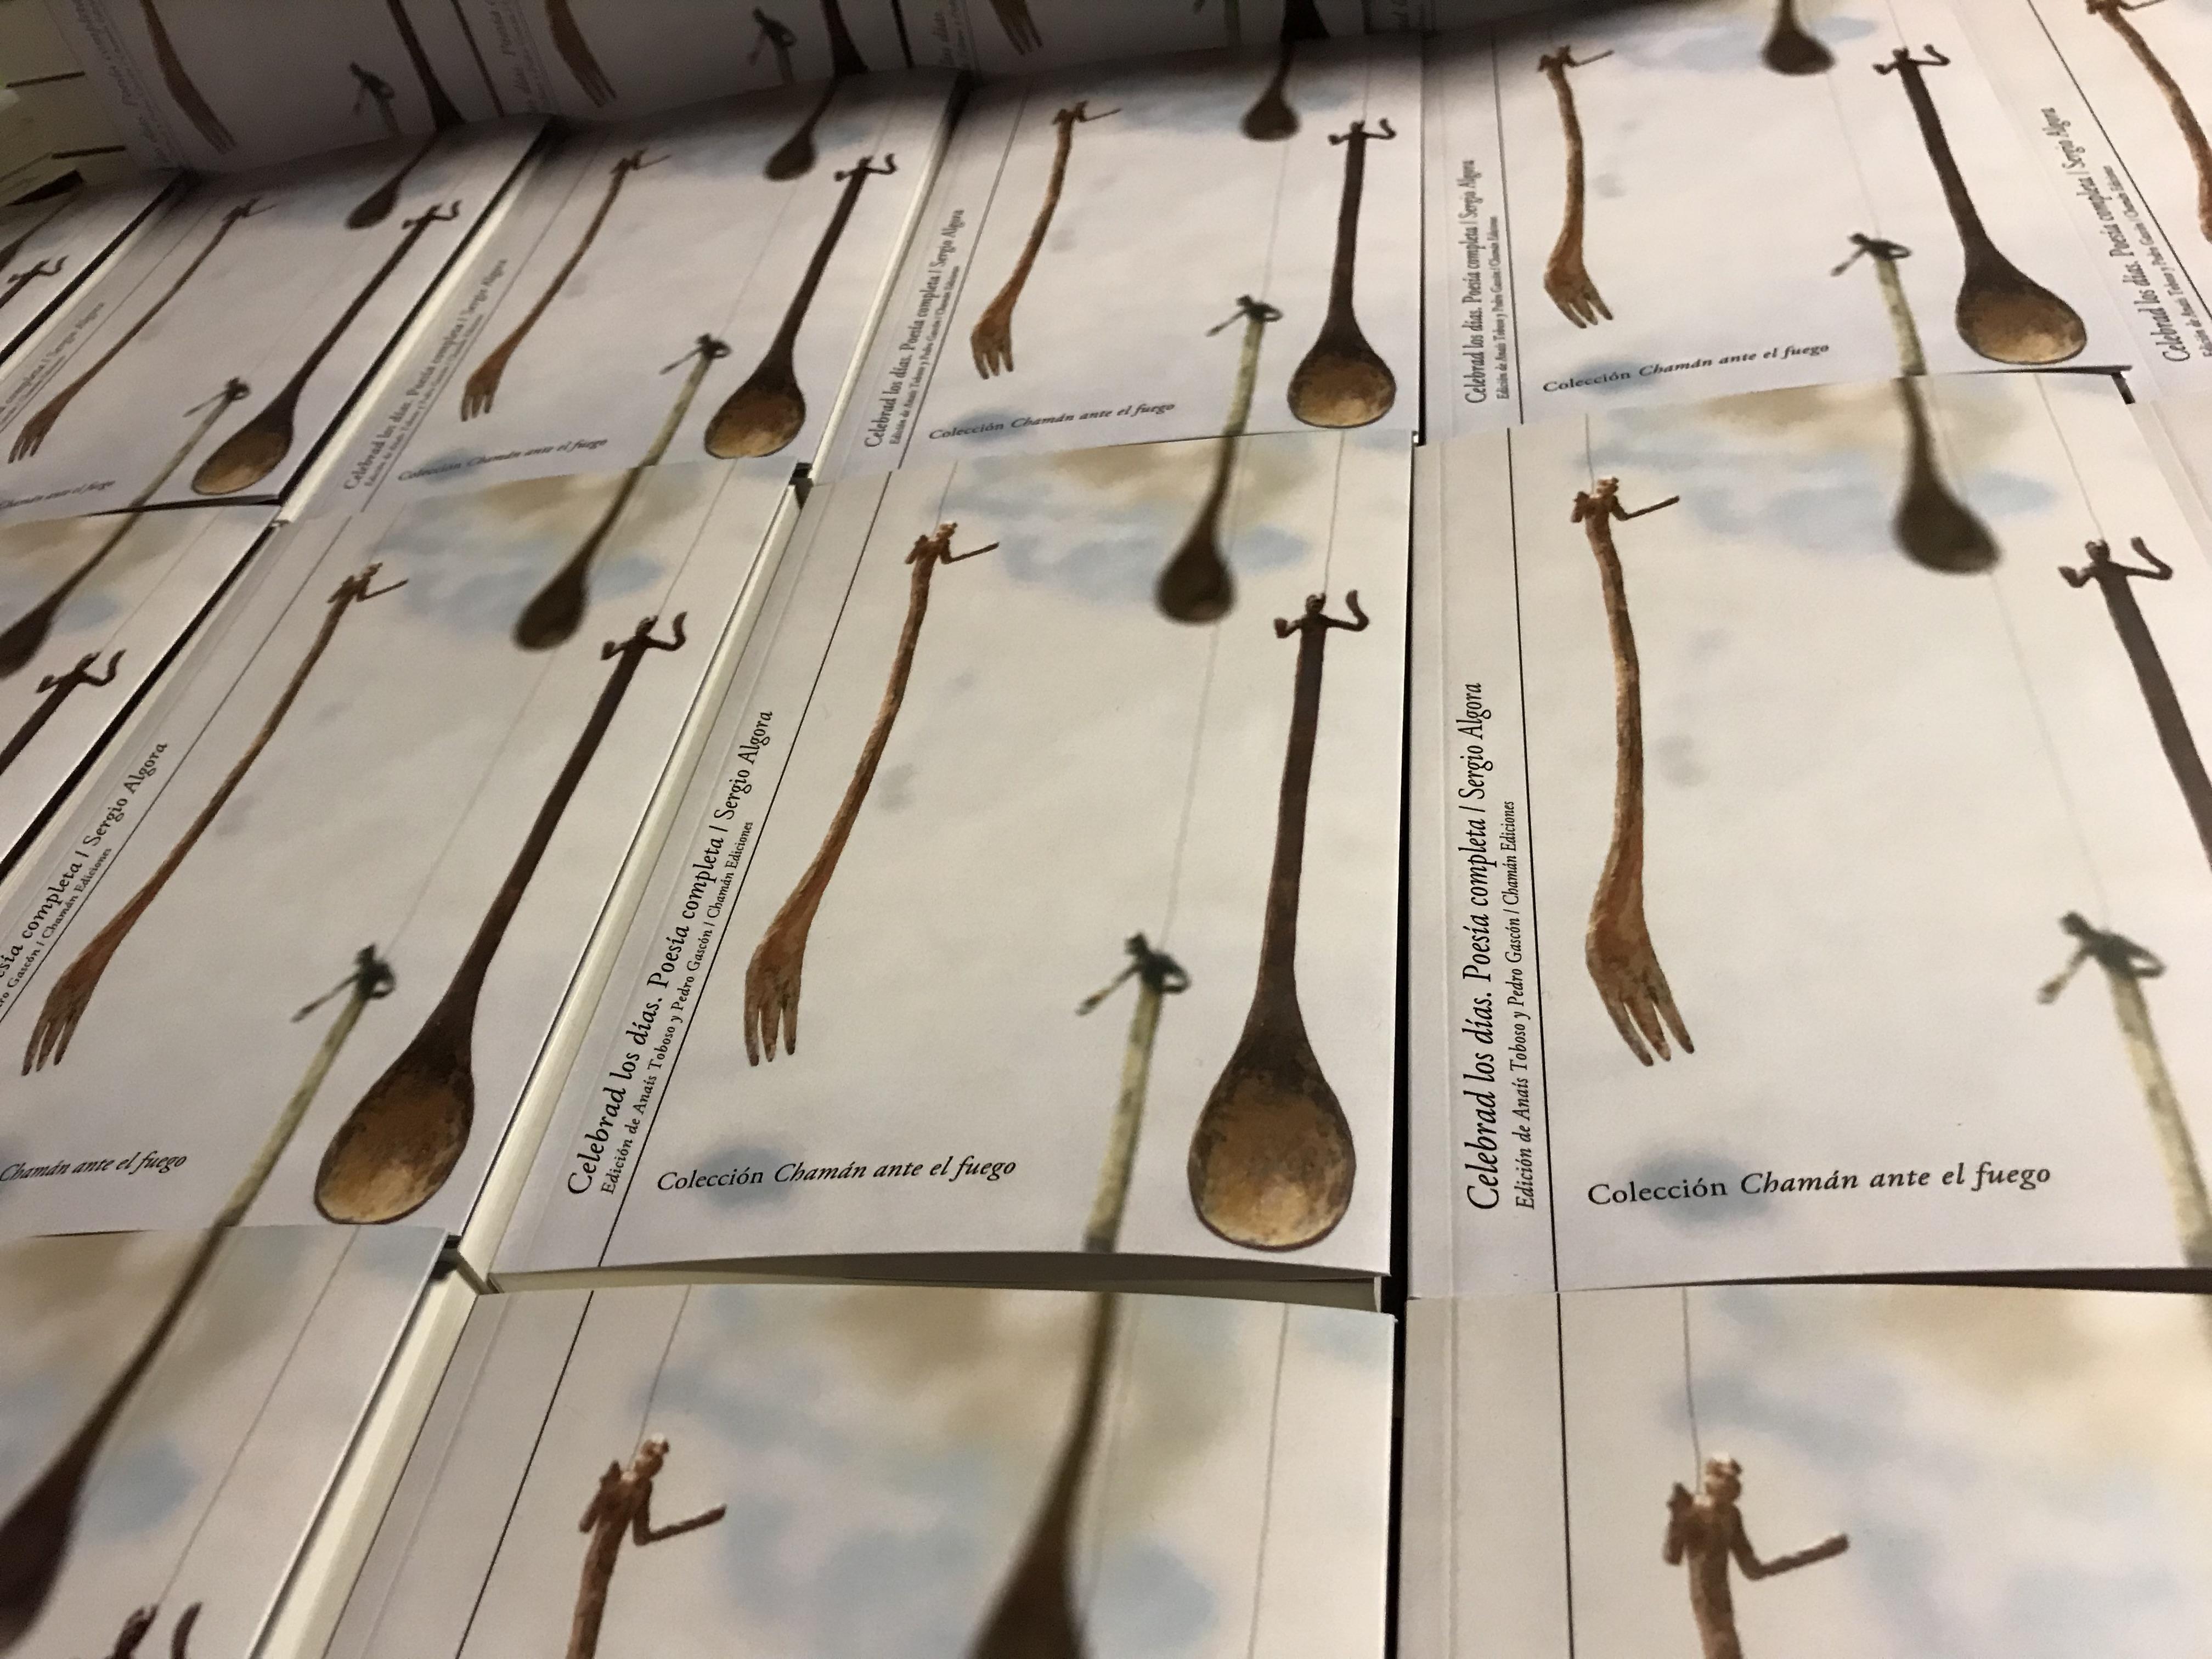 """Libros de """"Celebrad los días. Poesía completa"""" de Sergio Algora, Chamán Ediciones, Albacete, 2017"""